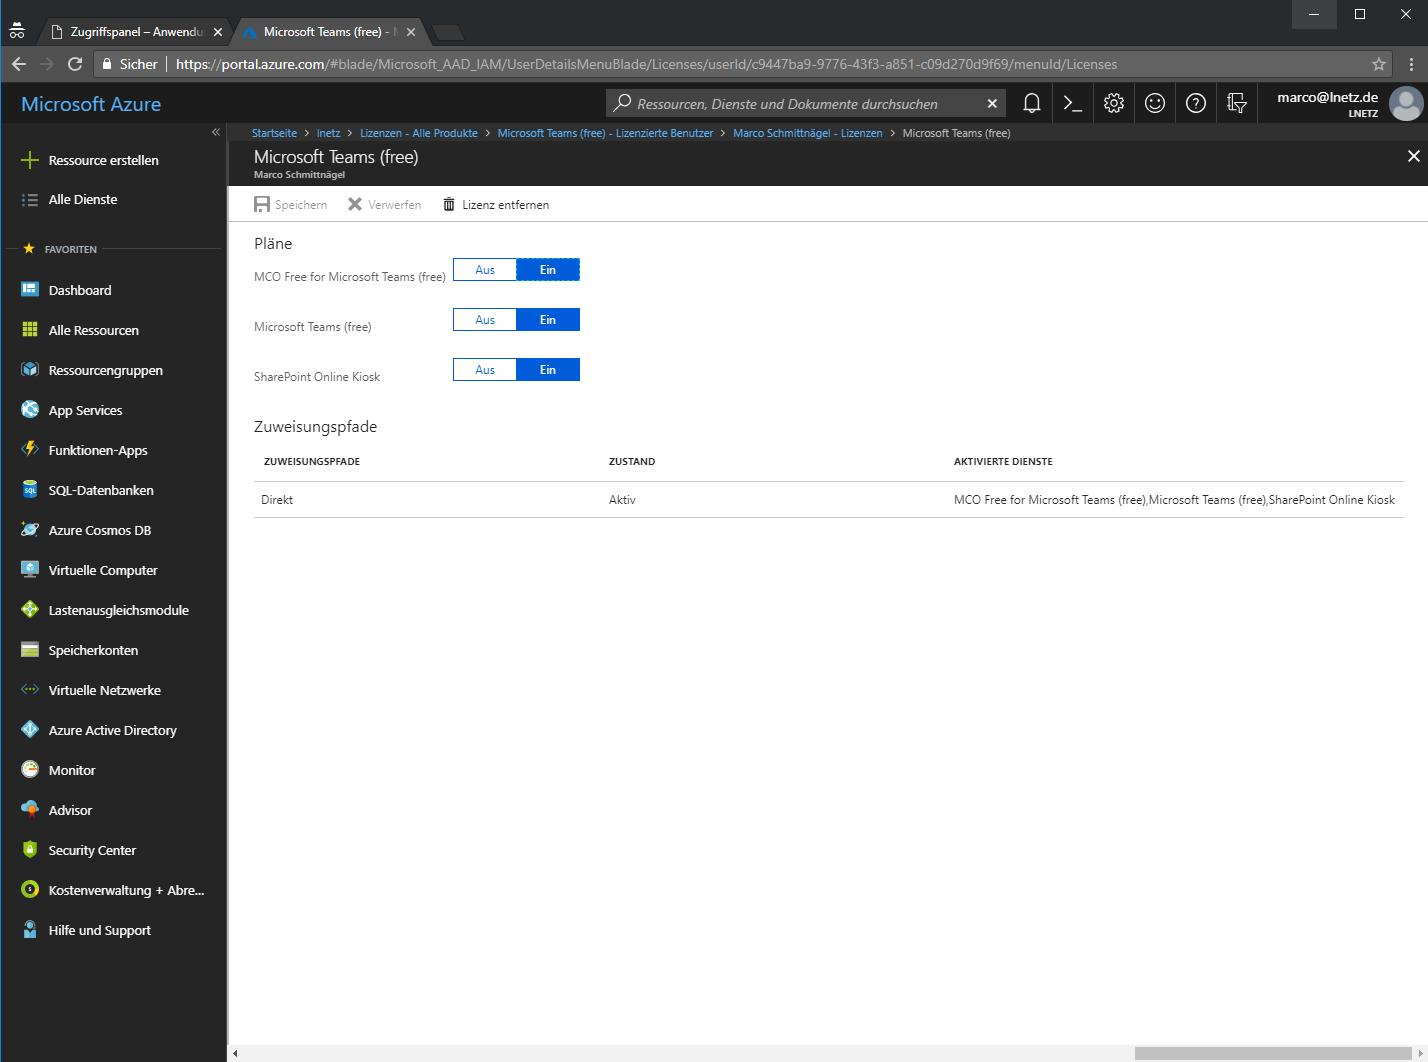 Office 365 Azure Portal Screenshot 4